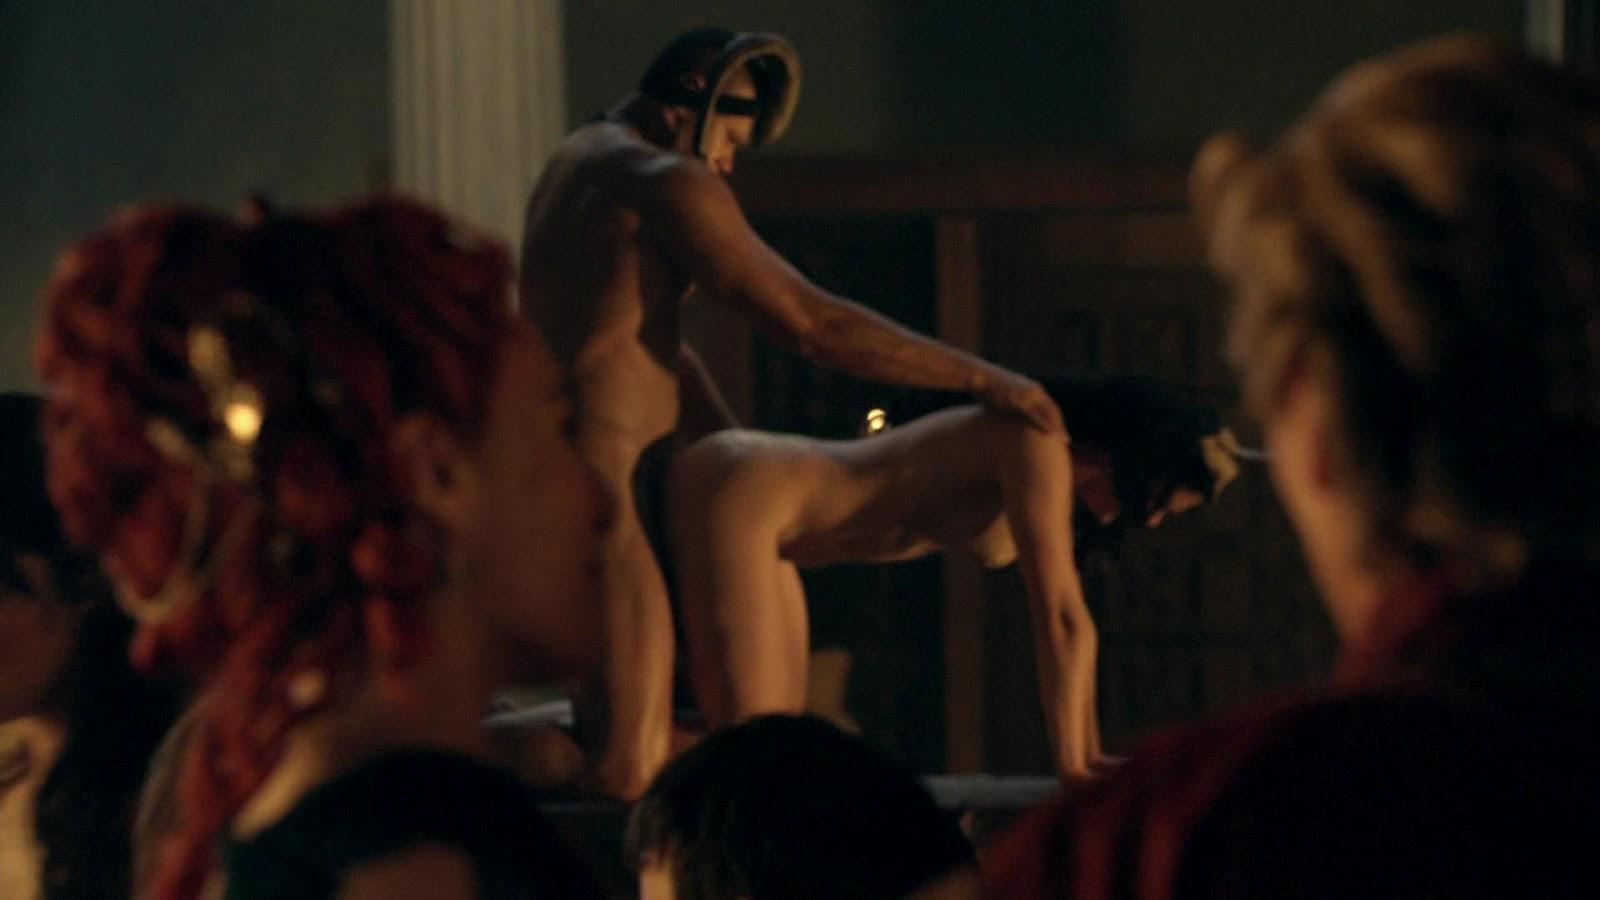 Hots nude scenes